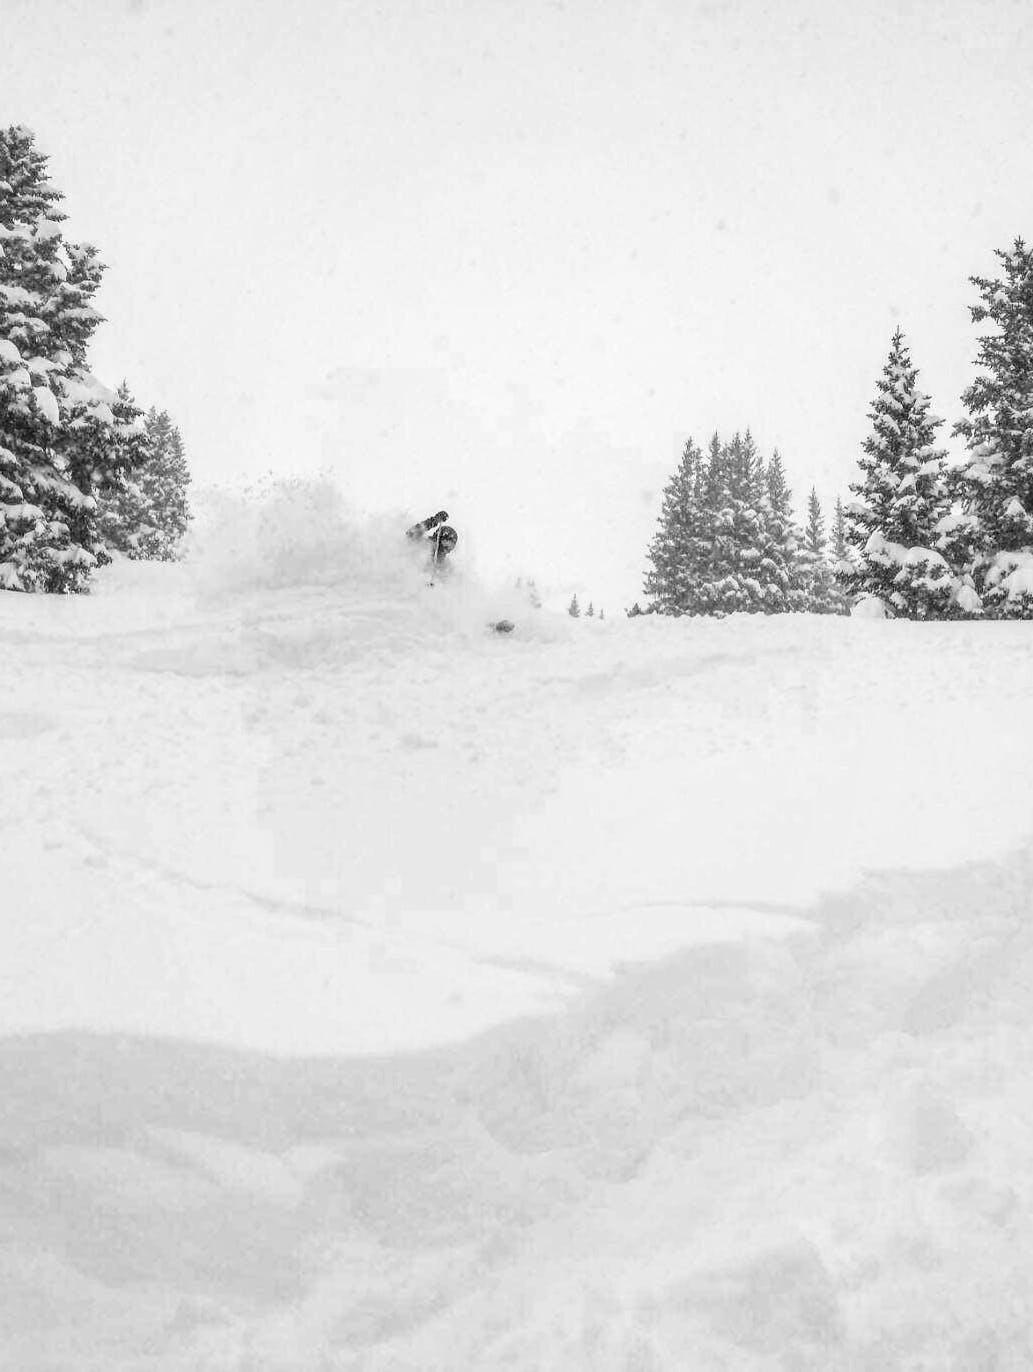 Ski Expert Patrick Graham